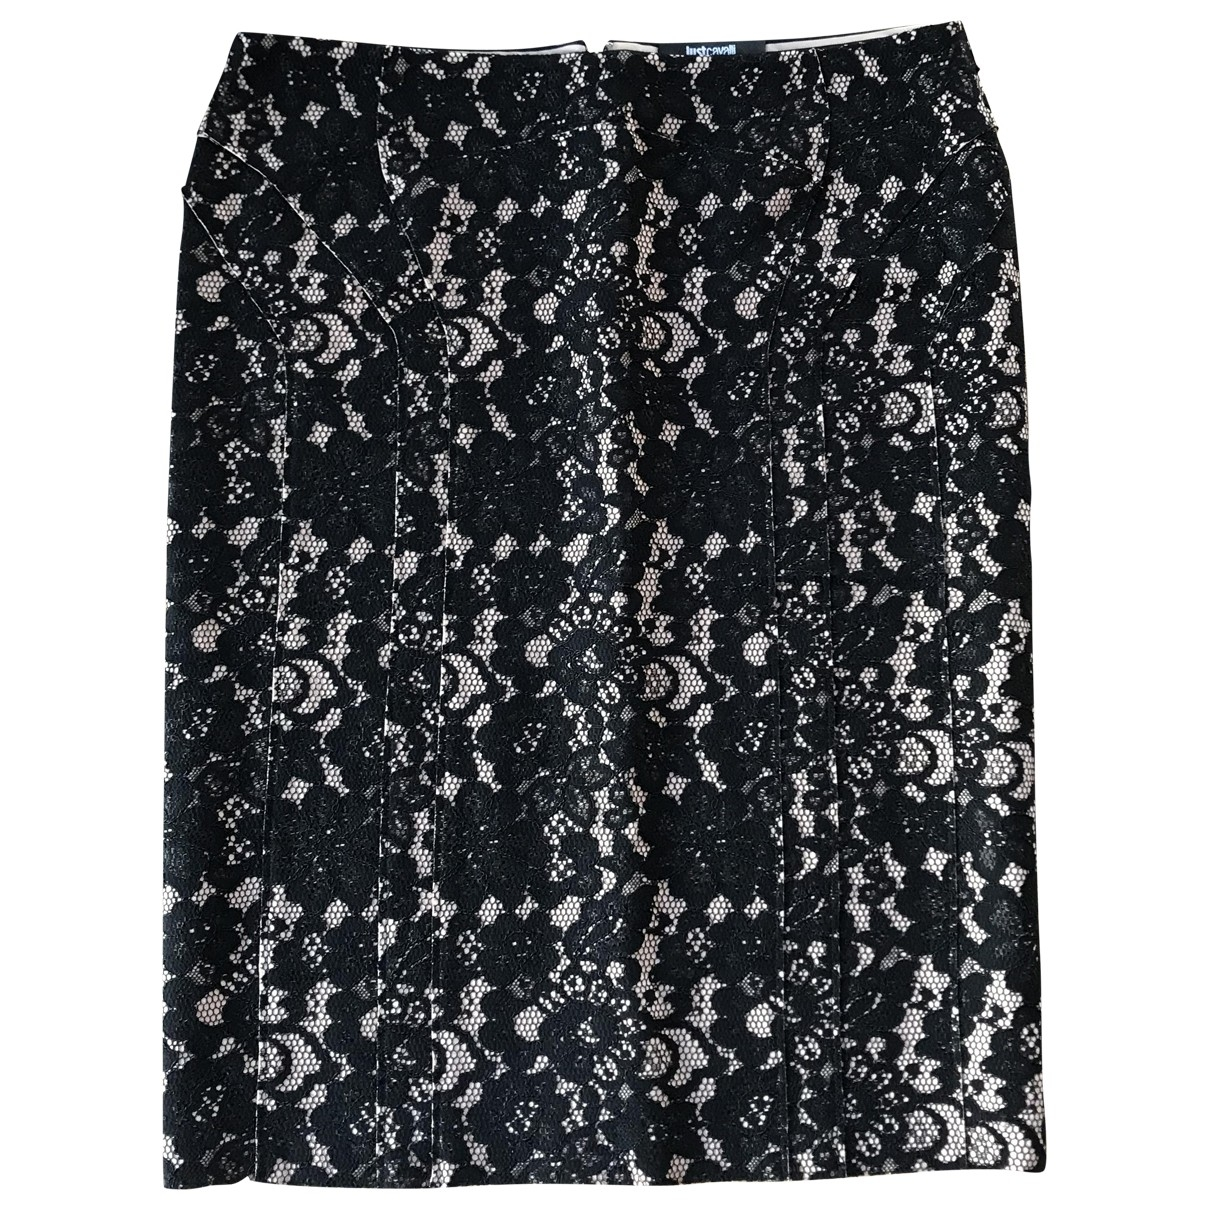 Just Cavalli \N Black skirt for Women 42 IT